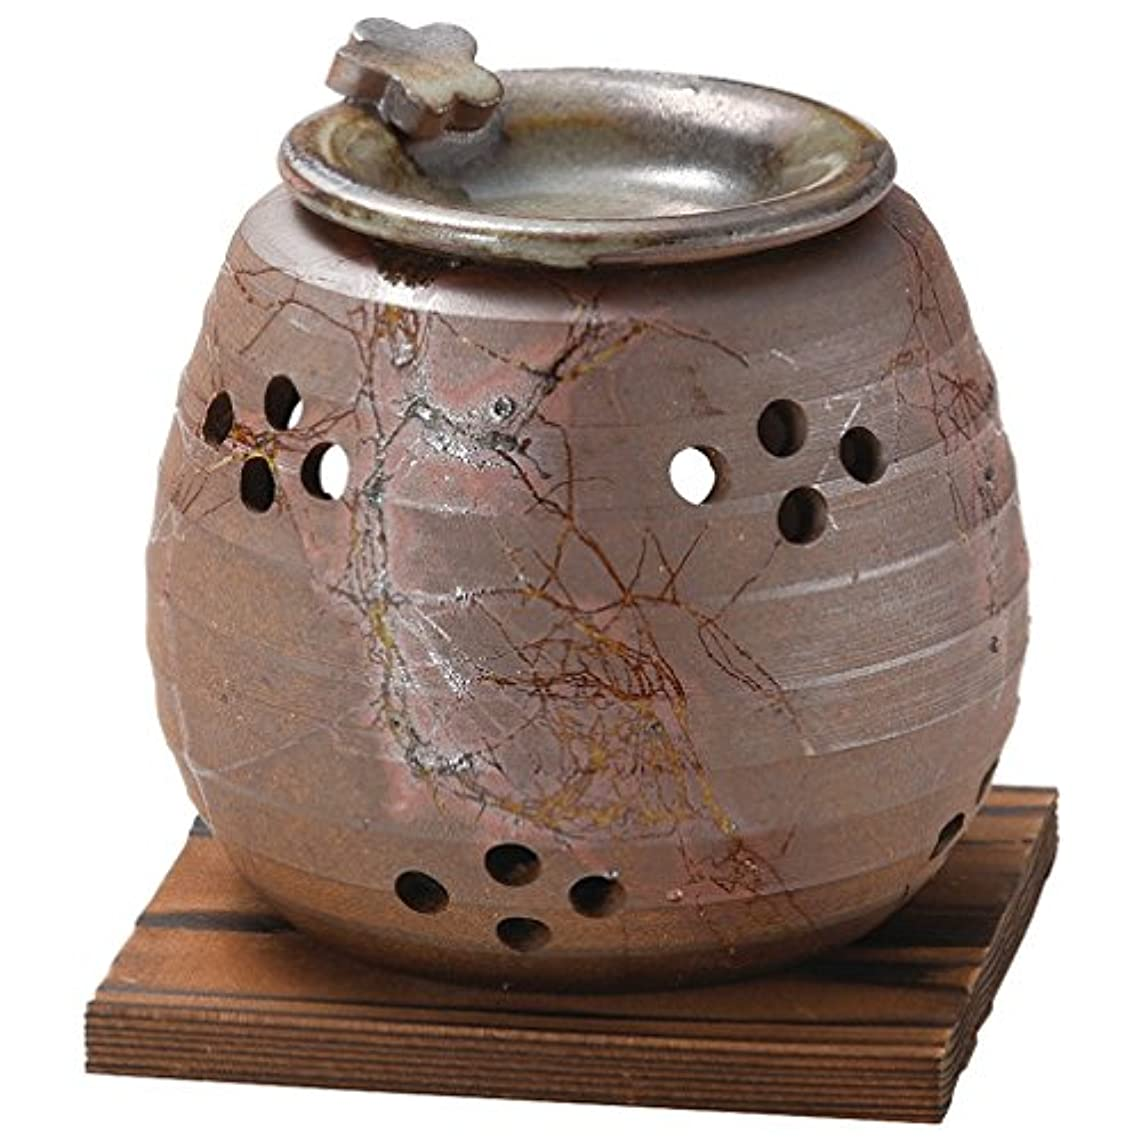 哀れなエッセイたっぷり山下工芸 常滑焼 石龍焼〆藻掛茶香炉 12.5×11×11cm 13045730